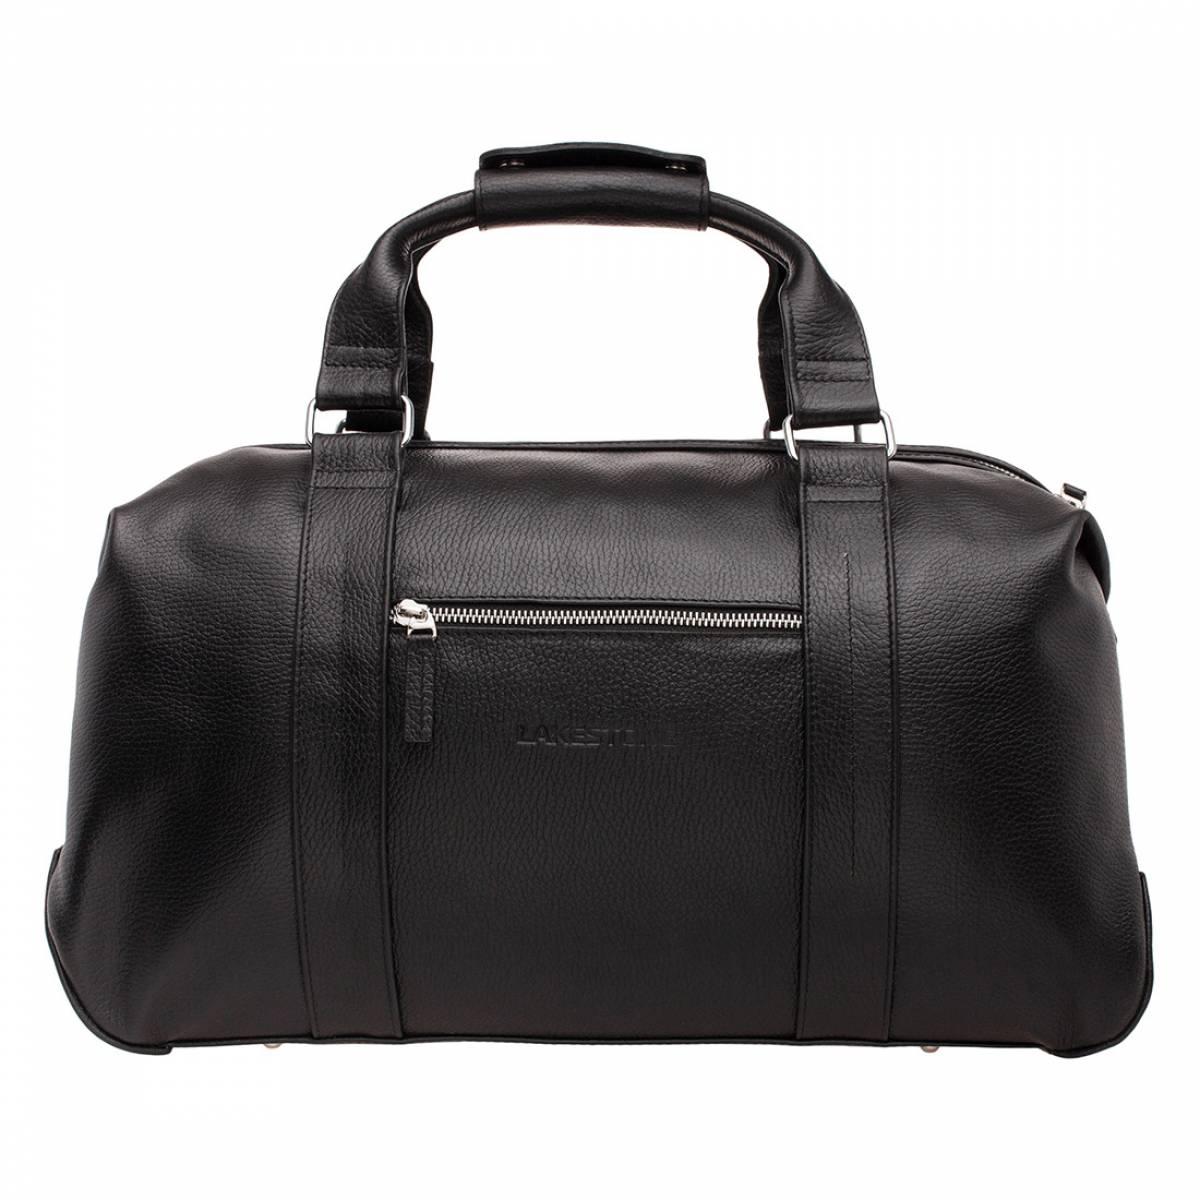 Кожаная дорожно-спортивная сумка Woodstock Black